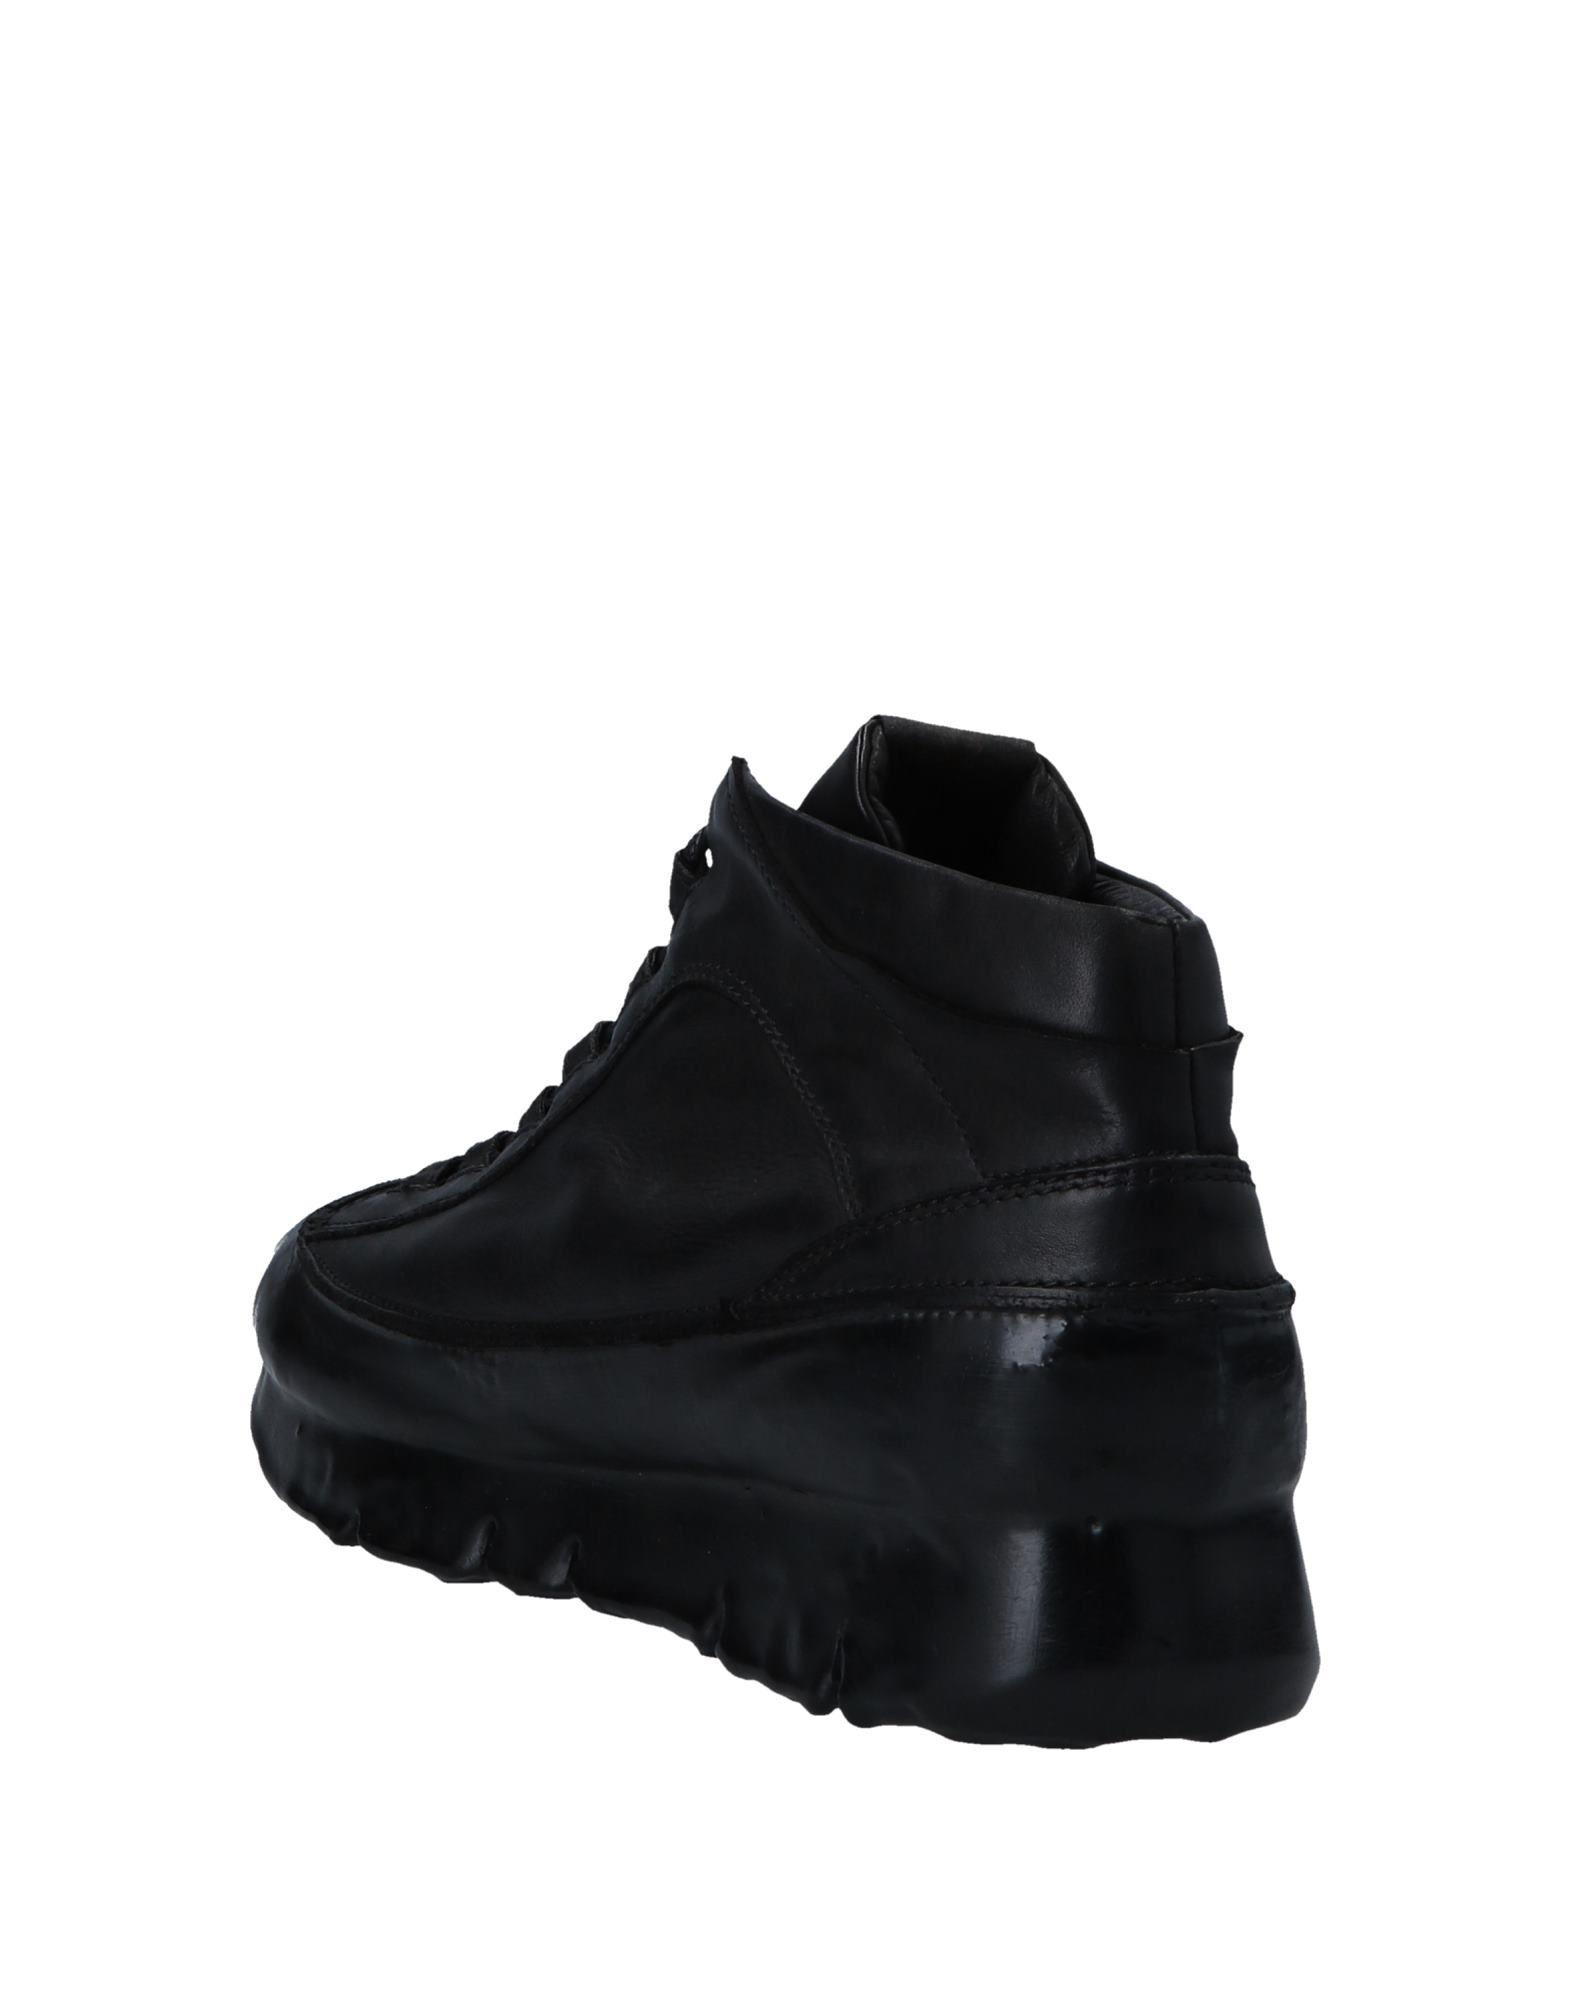 Rubber Soul Sneakers Qualität Herren  11554241XQ Gute Qualität Sneakers beliebte Schuhe b3e92f